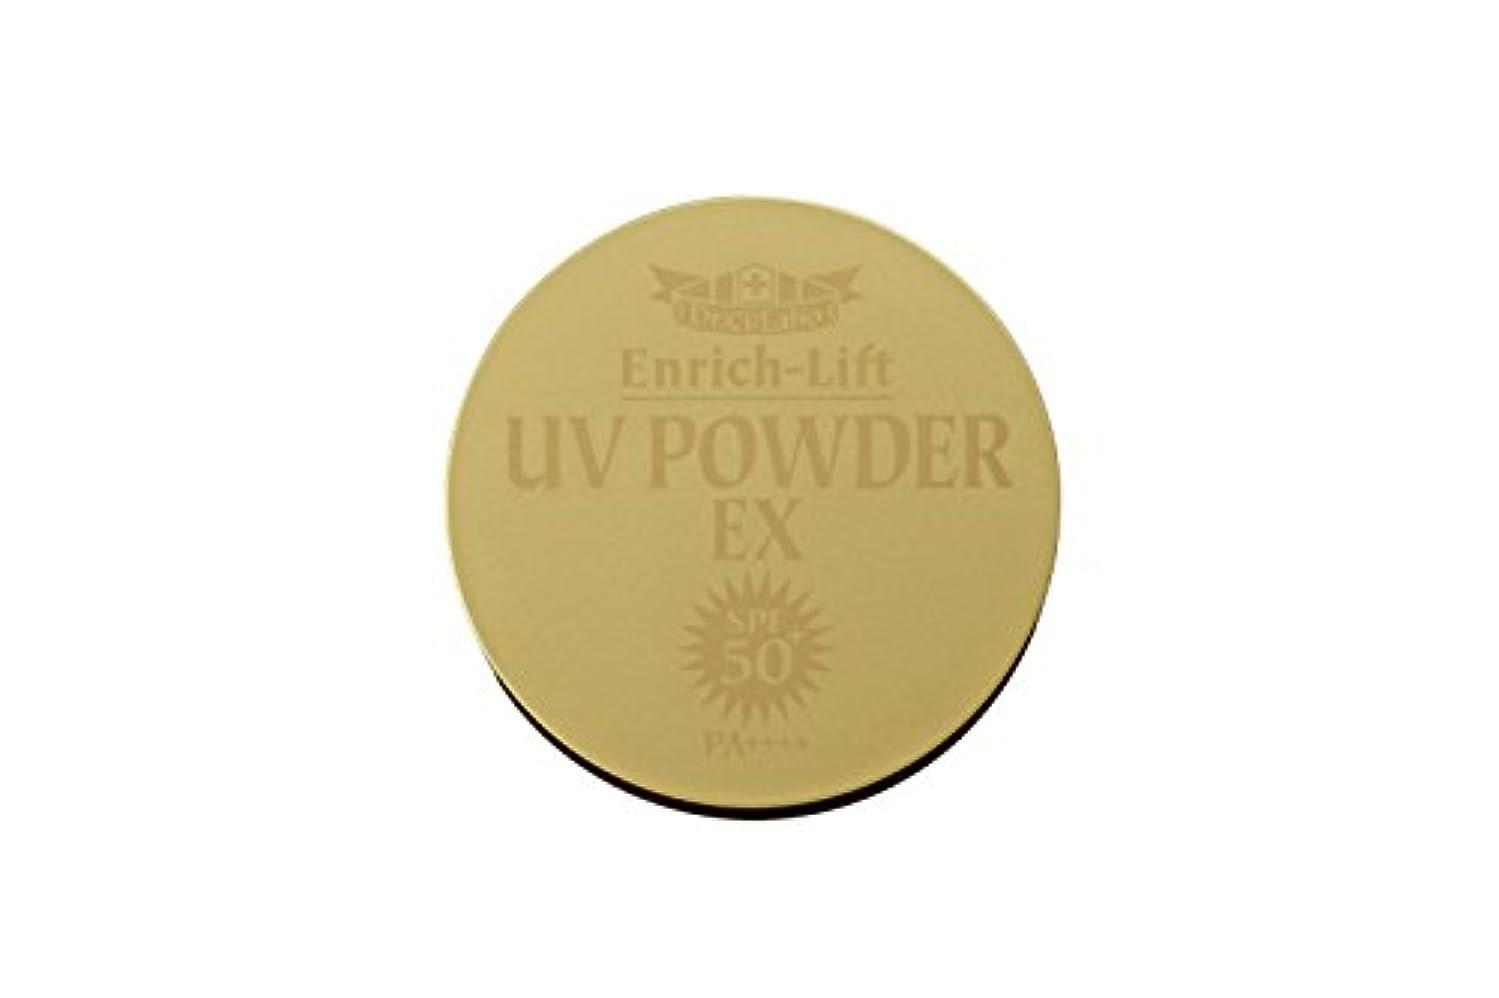 ラップトップマトロン照らすドクターシーラボ エンリッチリフト UVパウダー EX50+ 日焼け止め ルーセントパウダー